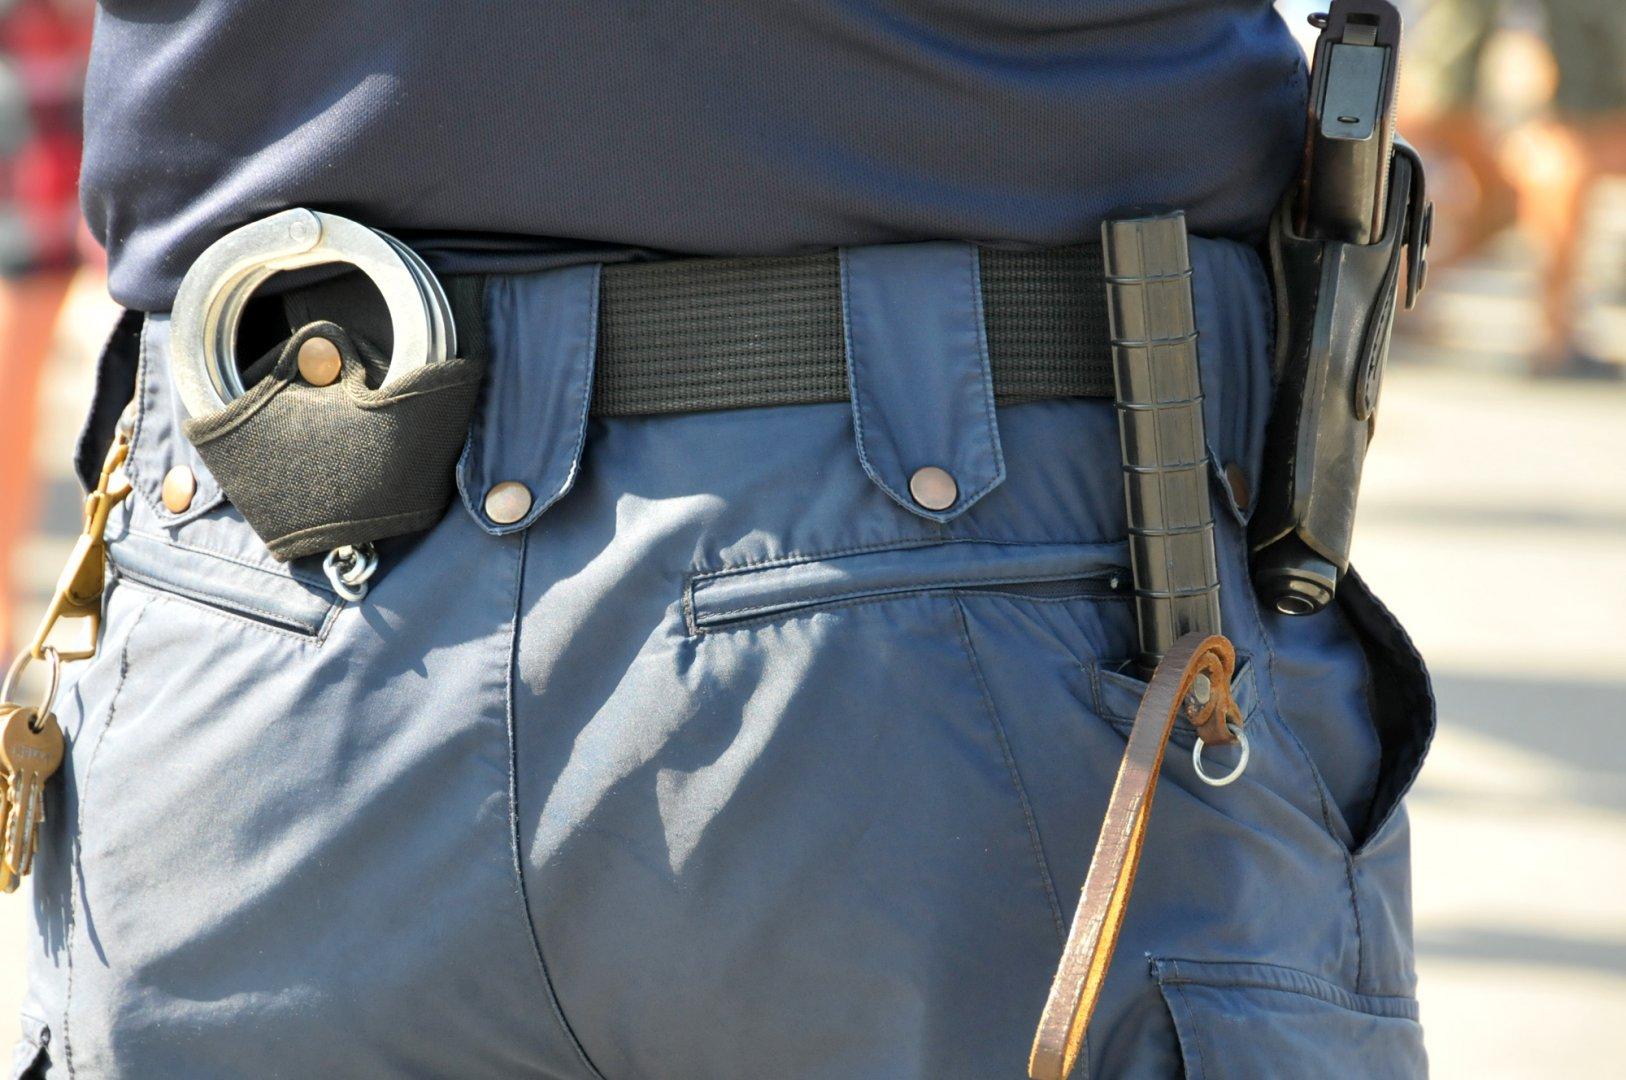 Униформените спрели автомобила за проверка и установили, че водача шофира пиян. Снимка Архив Черноморие-бг